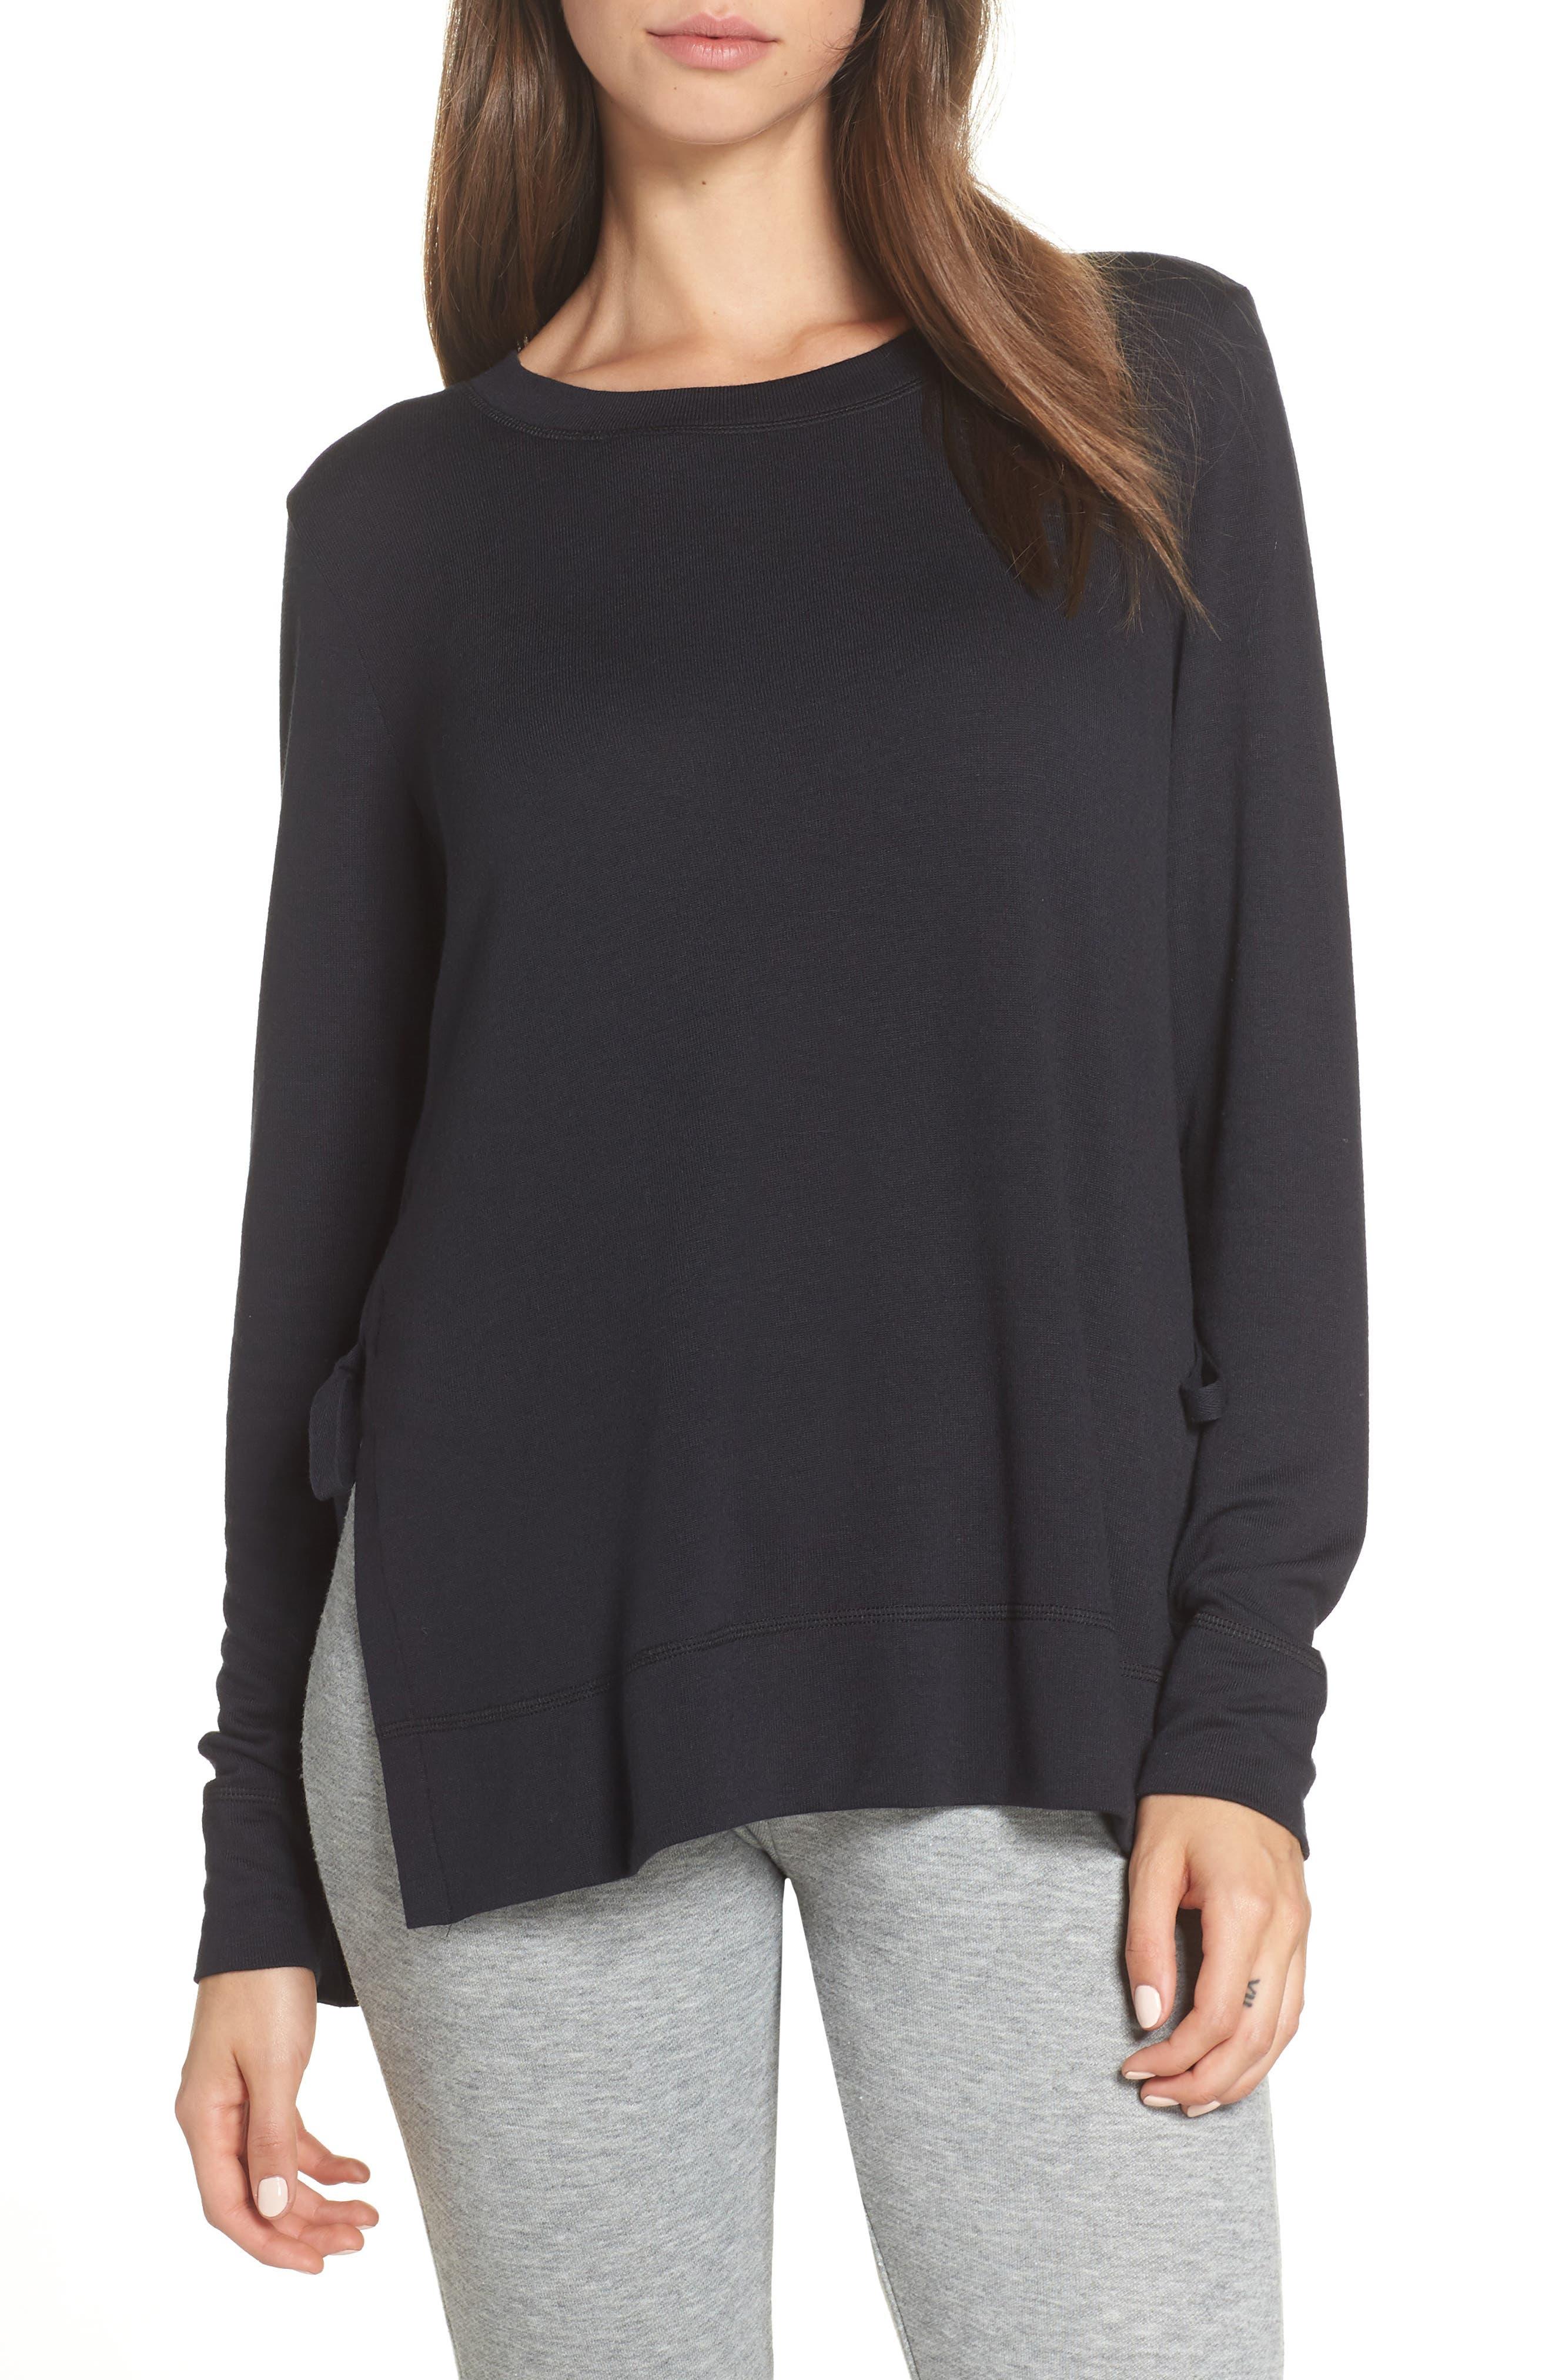 Ugg Quincy Sweatshirt in Black